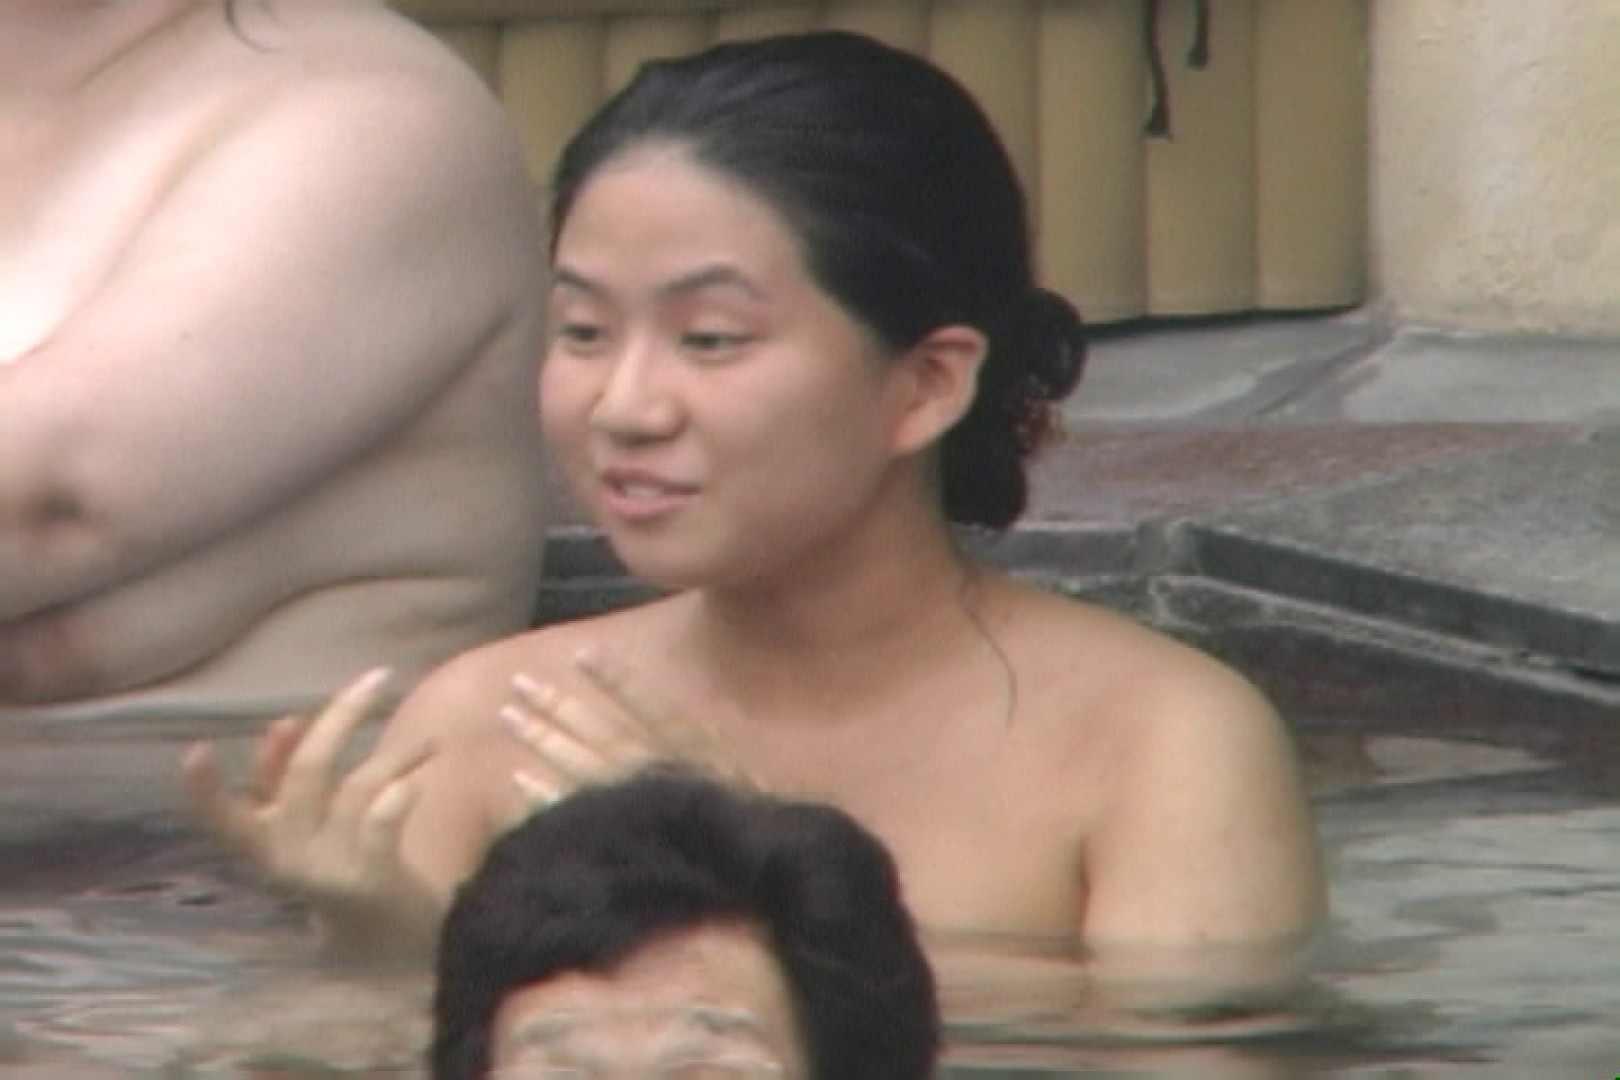 Aquaな露天風呂Vol.43【VIP限定】 盗撮師作品   美しいOLの裸体  74pic 19